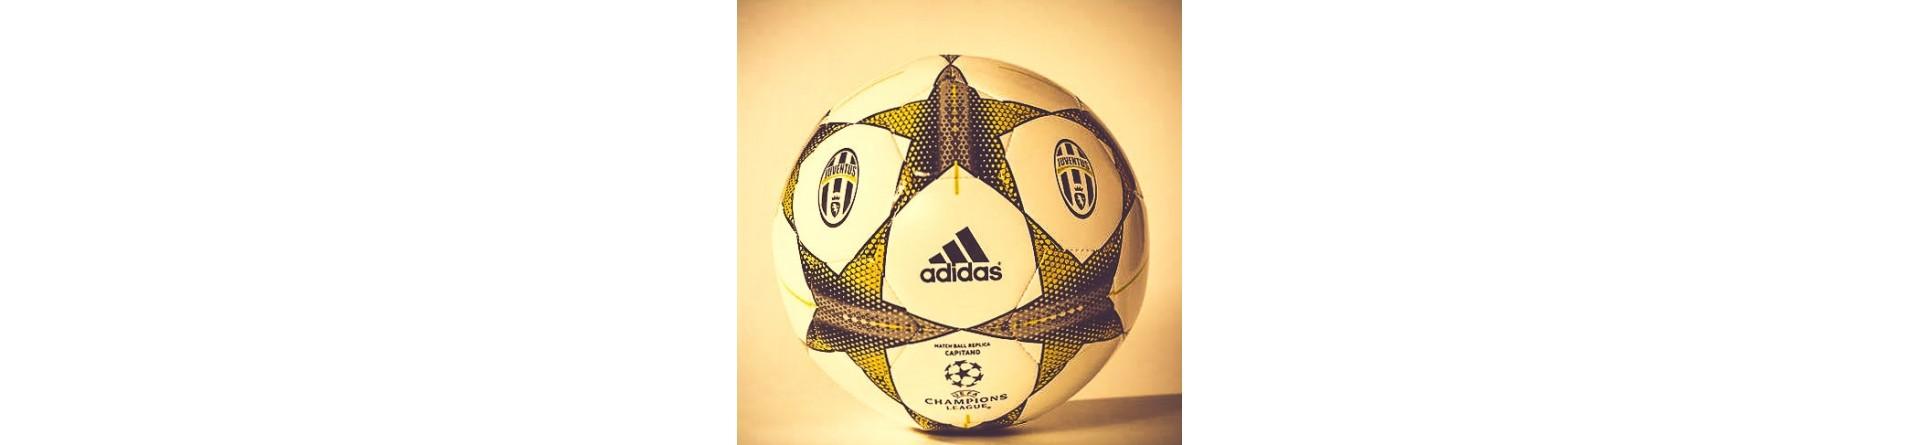 Palloni Calcio   Giuglar Shop